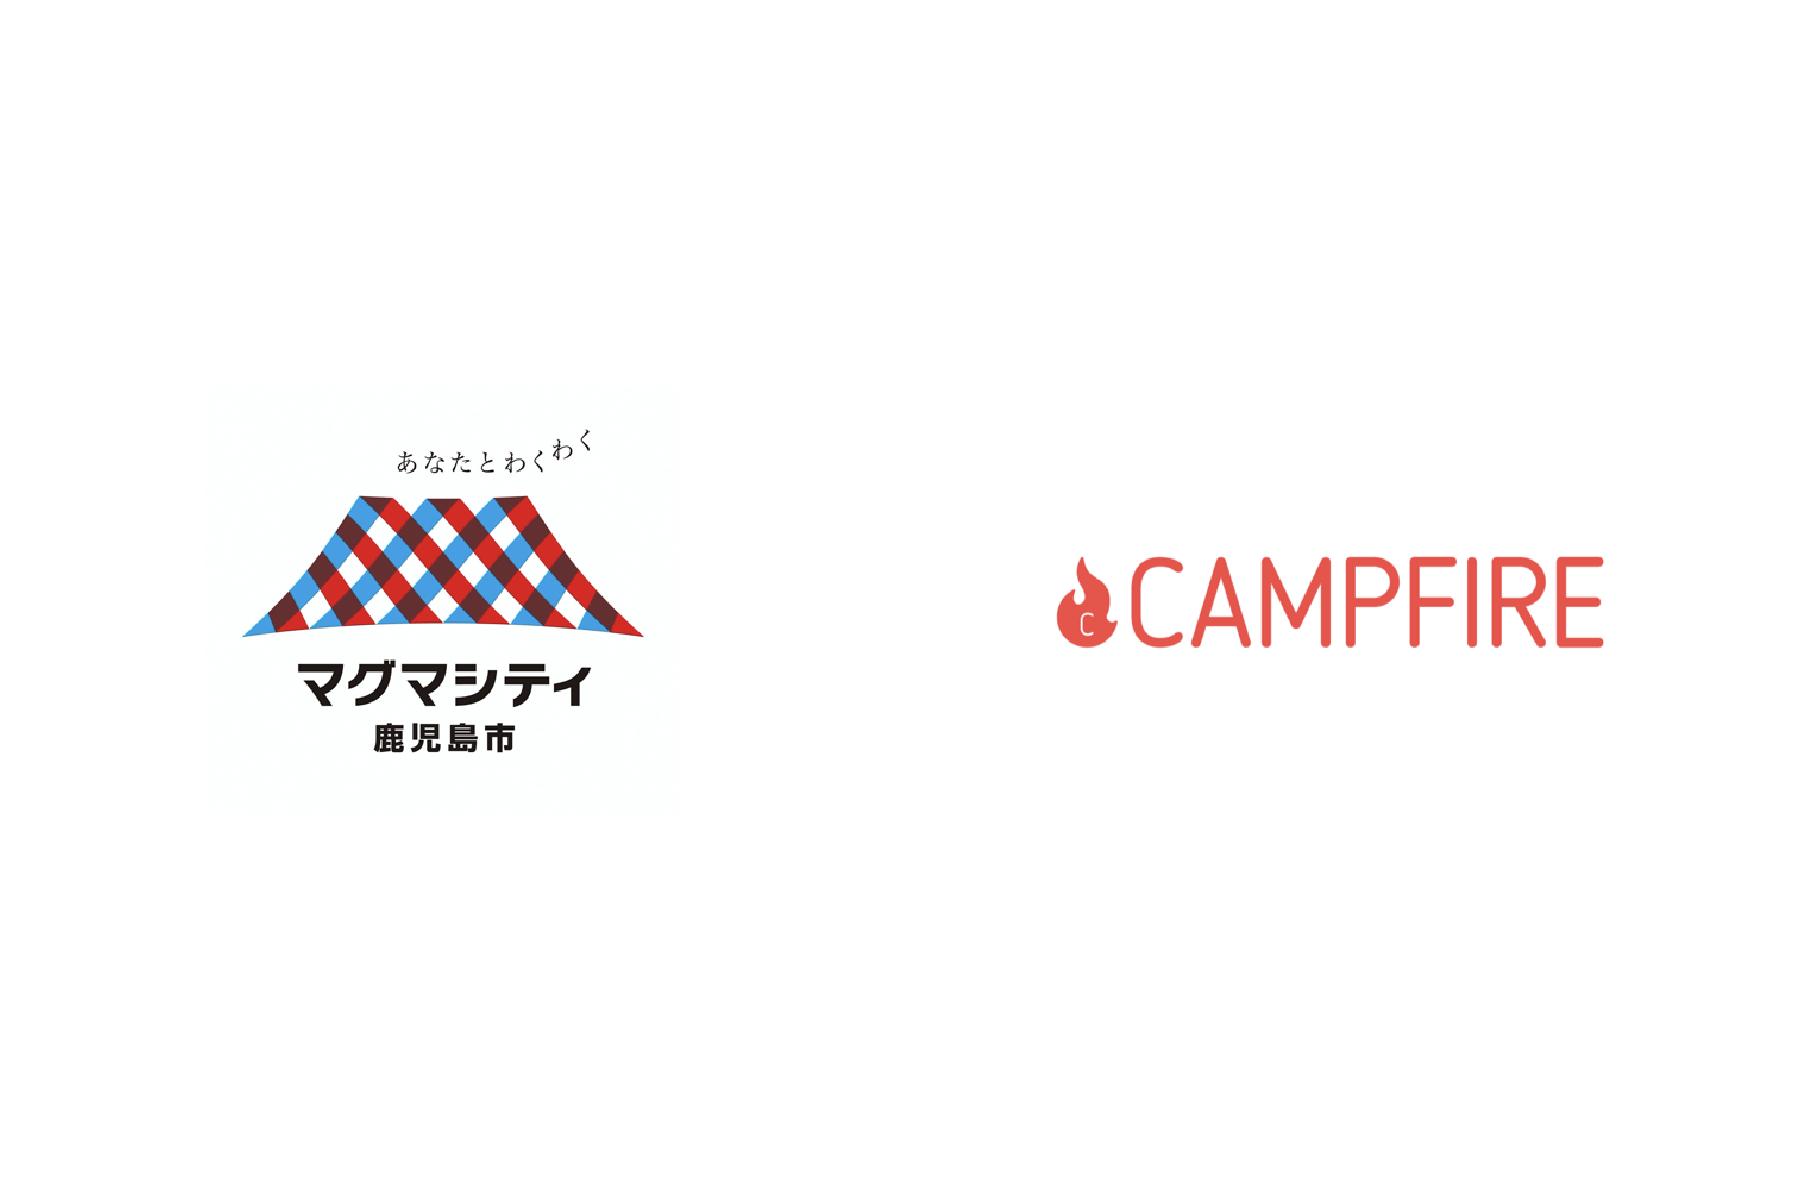 CAMPFIRE×鹿児島市 | クラウドファンディングを活用した産業振興に関する連携協定を締結